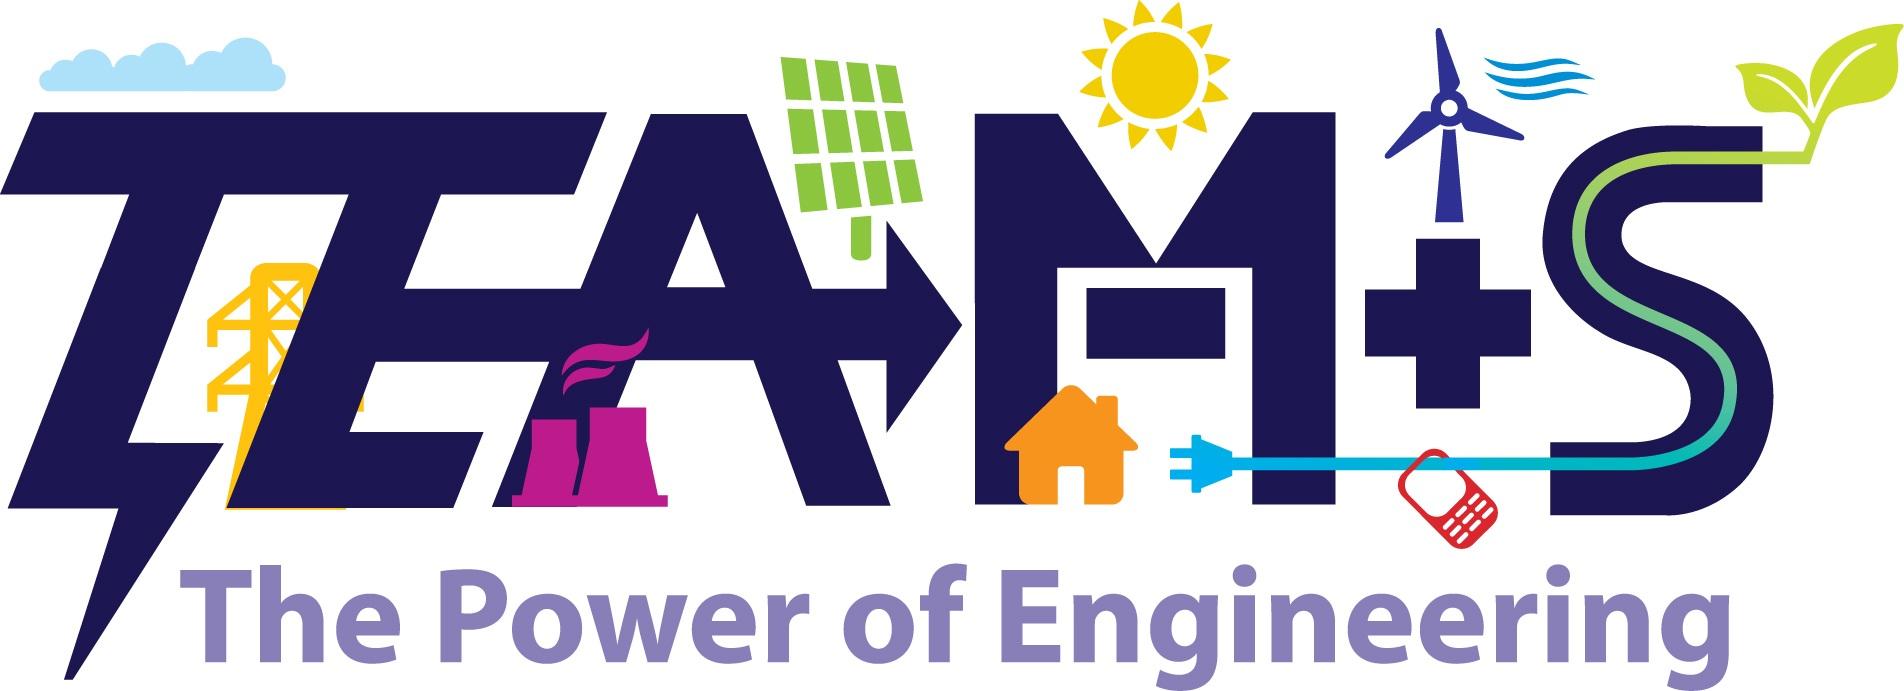 TEAMS logo 2015